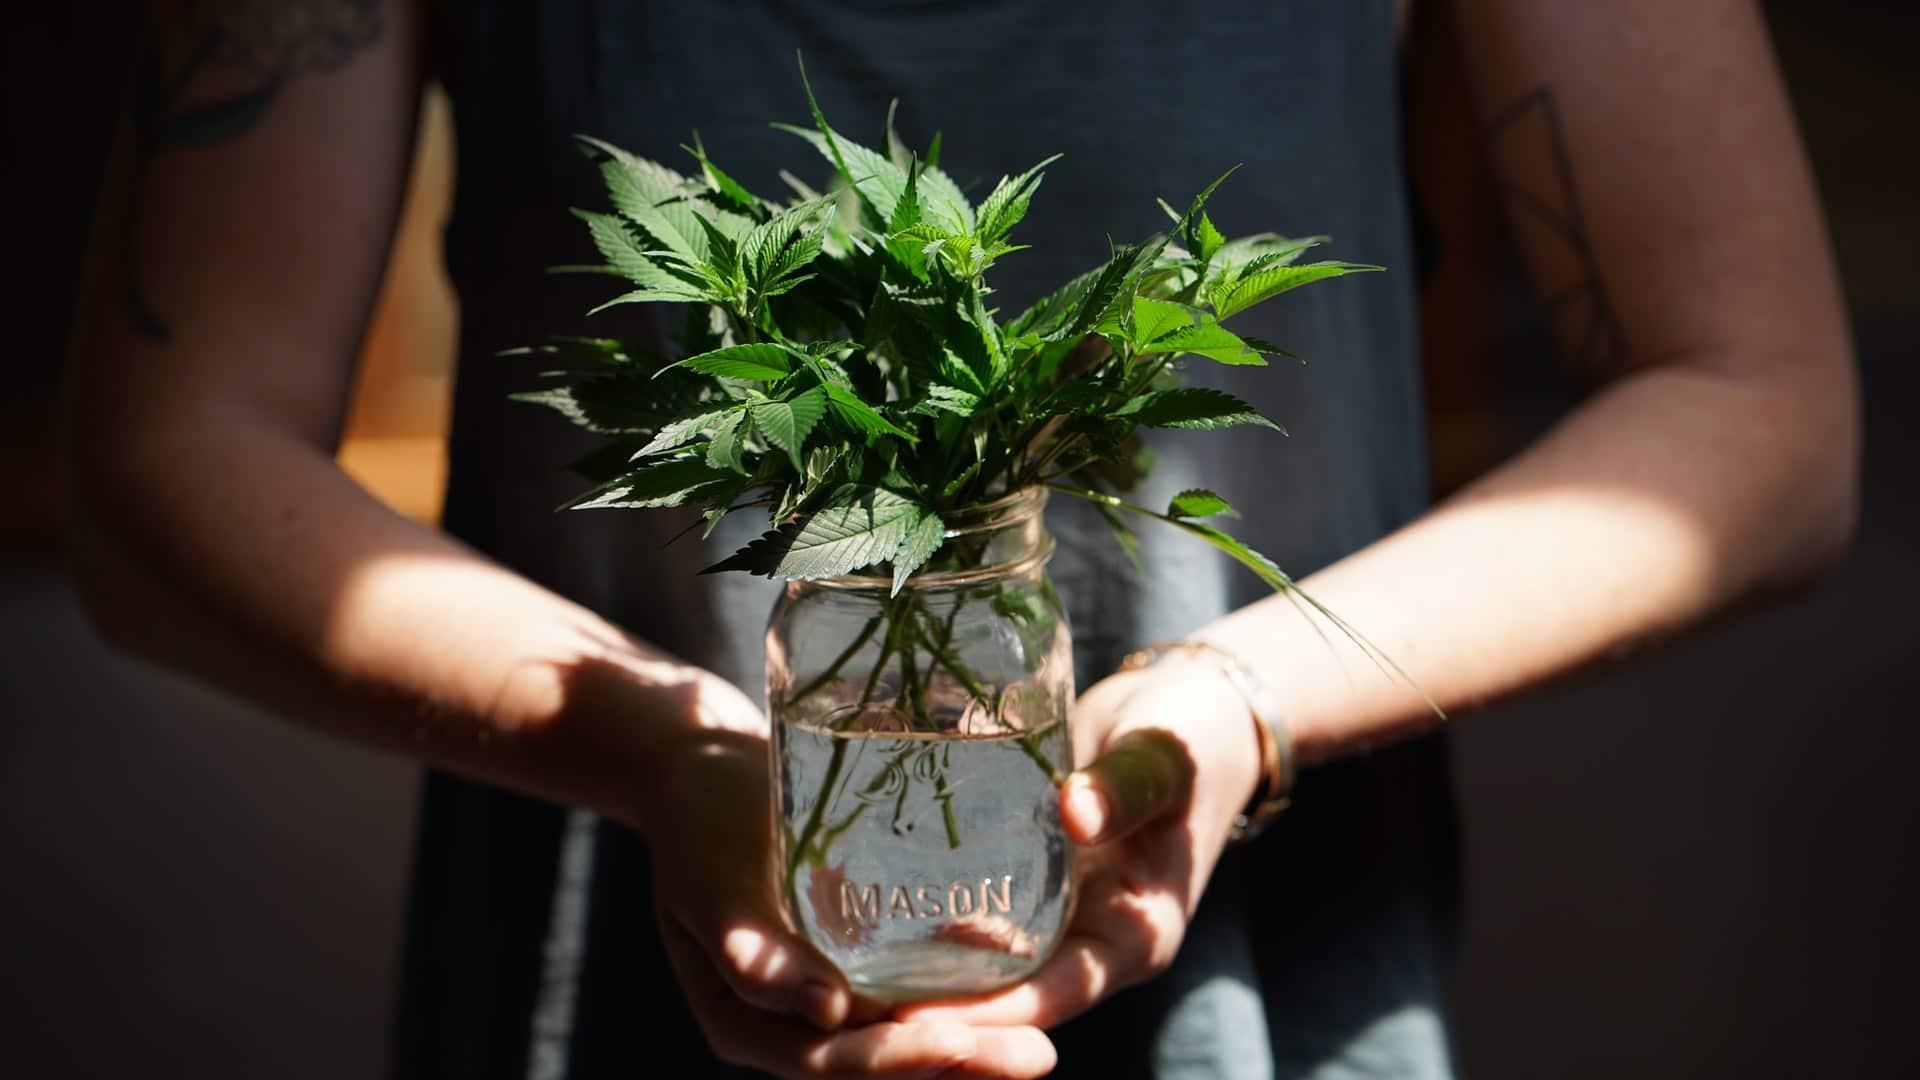 Nación Cannabis | Panamá: Congreso aprueba uso de cannabis terapéutico